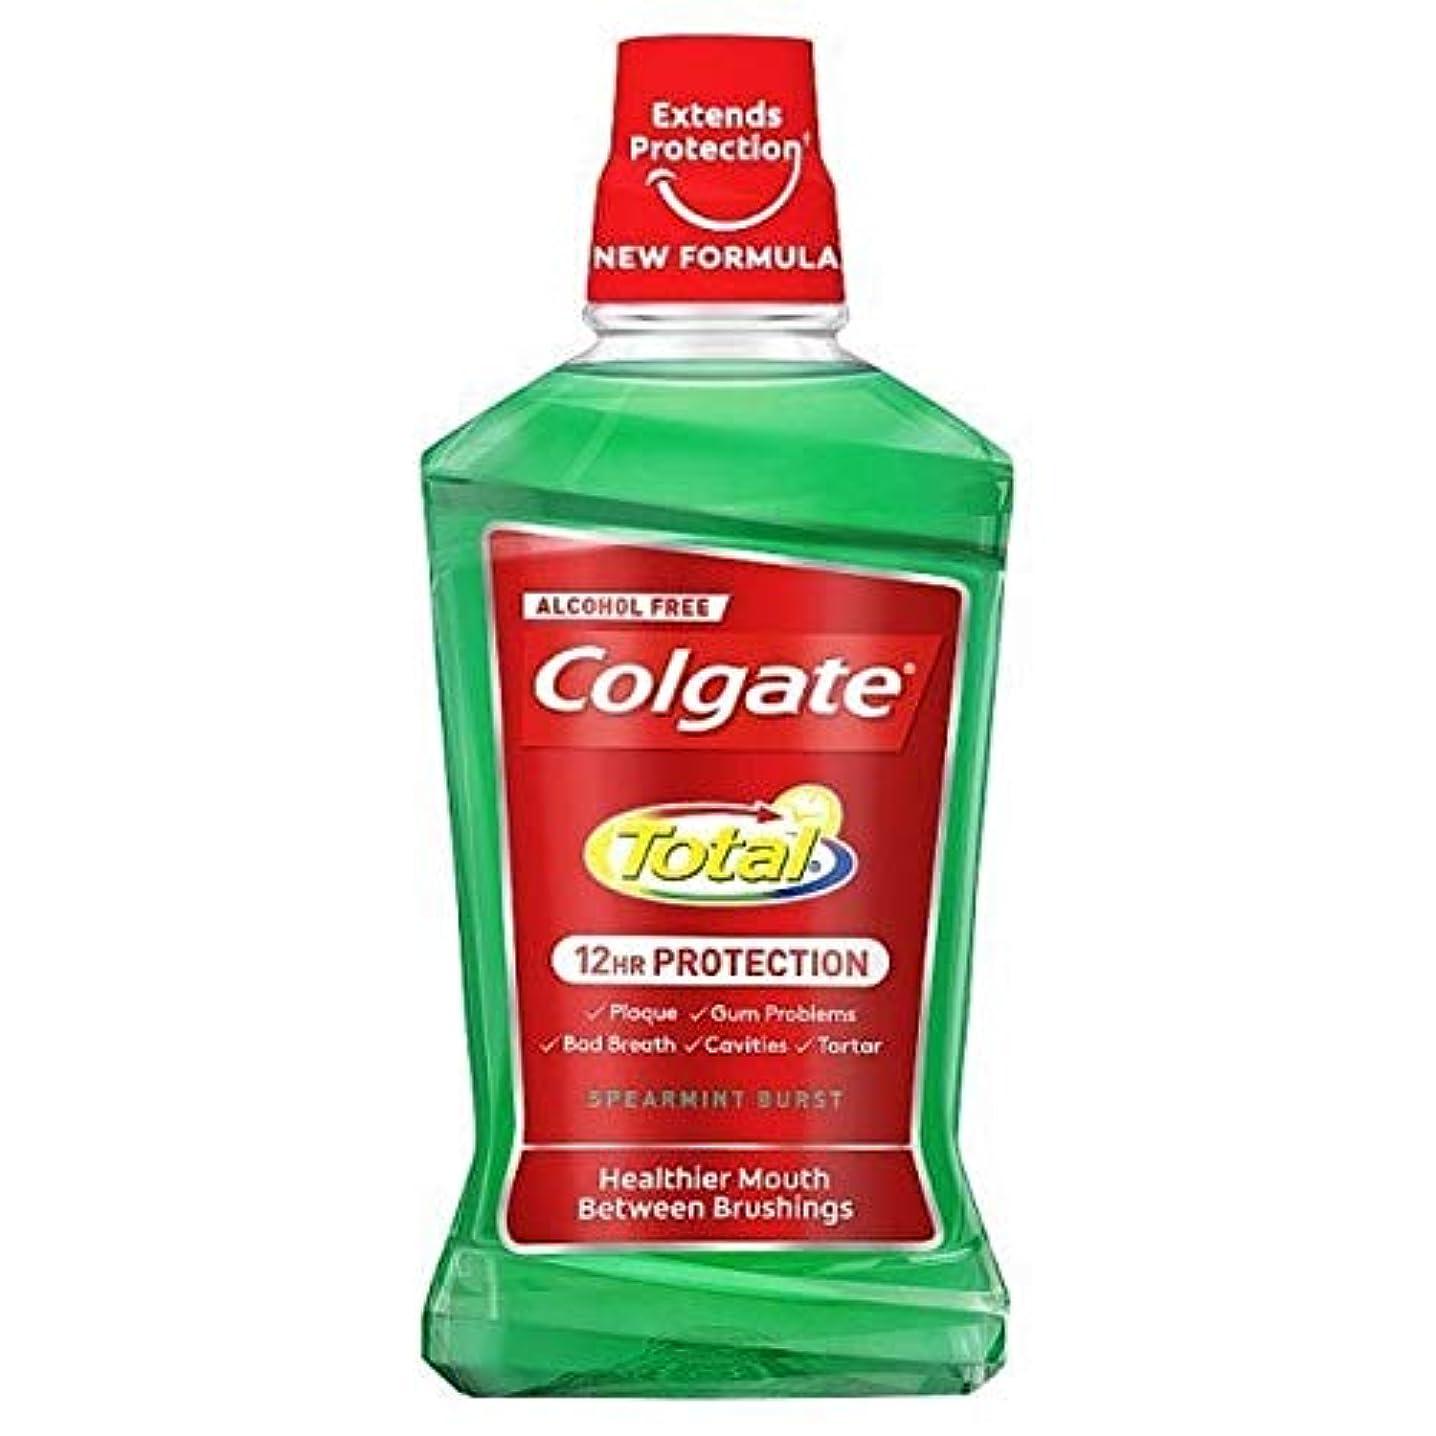 寸法マスク経験者[Colgate ] コルゲートトータルスペアミントバーストマウスウォッシュ500ミリリットル - Colgate Total Spearmint Burst Mouthwash 500ml [並行輸入品]